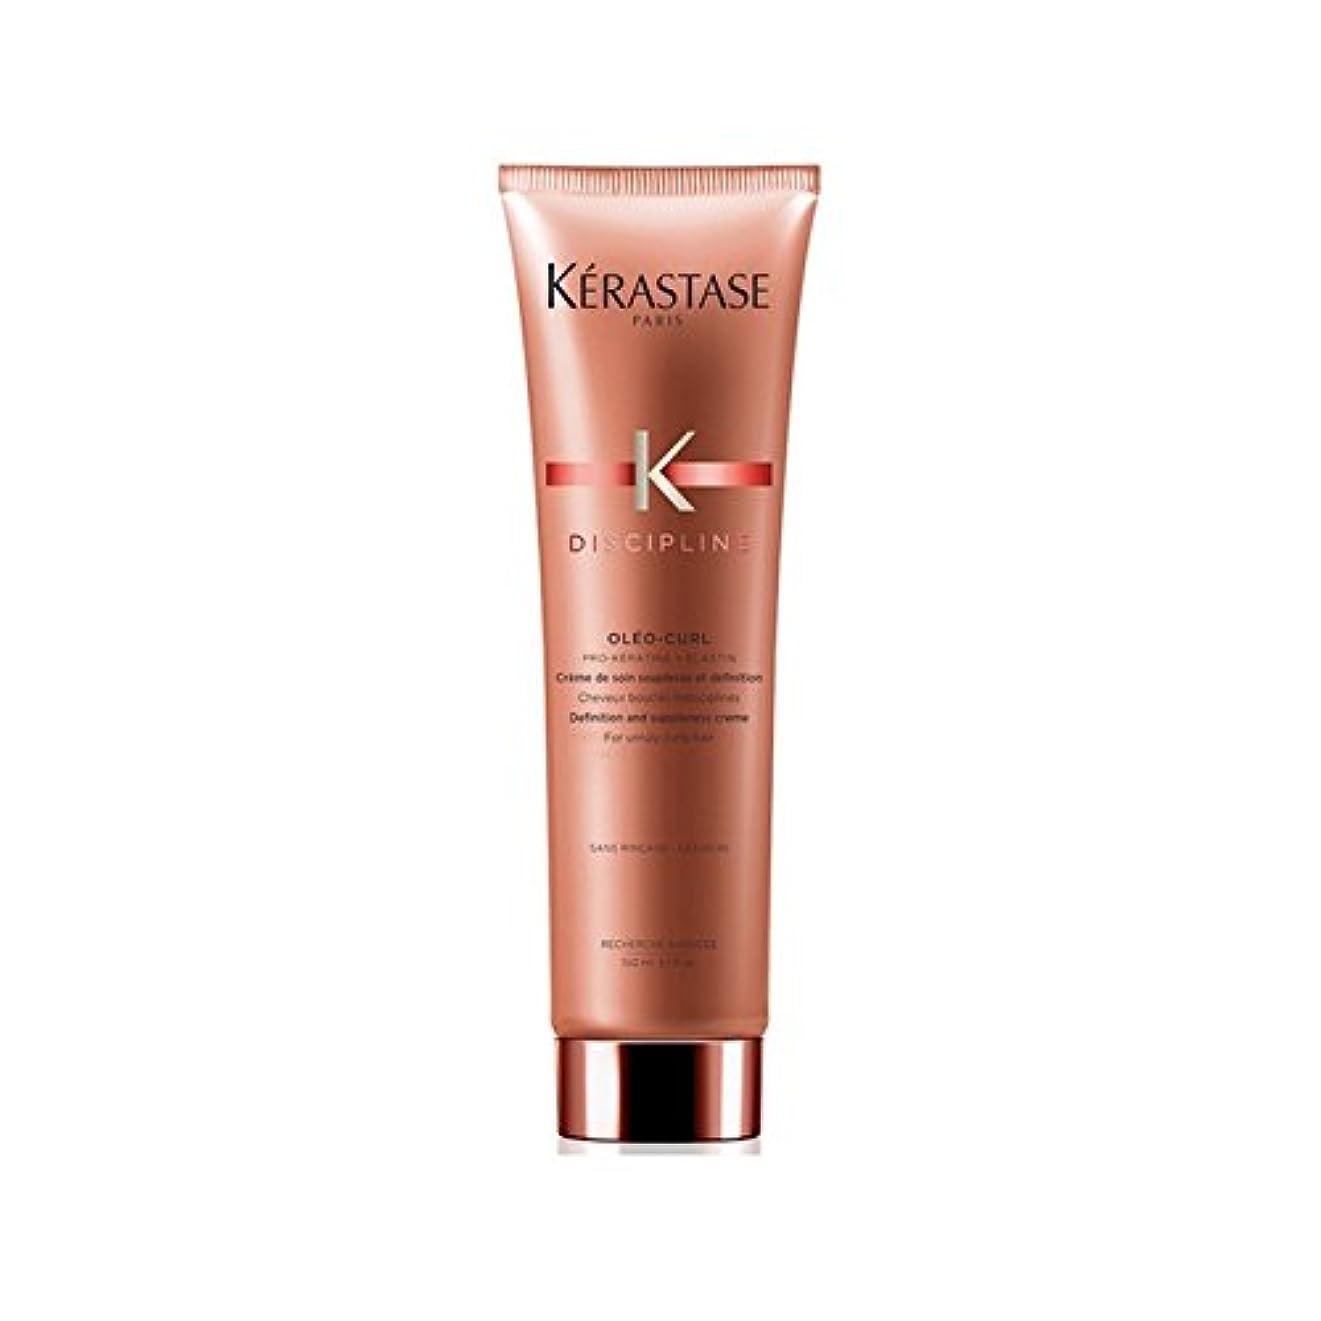 給料作曲家修復理想的なクレンジングコンディショナー400ミリリットルカールケラスターゼの規律 x4 - K?rastase Discipline Curl Ideal Cleansing Conditioner 400ml (Pack...